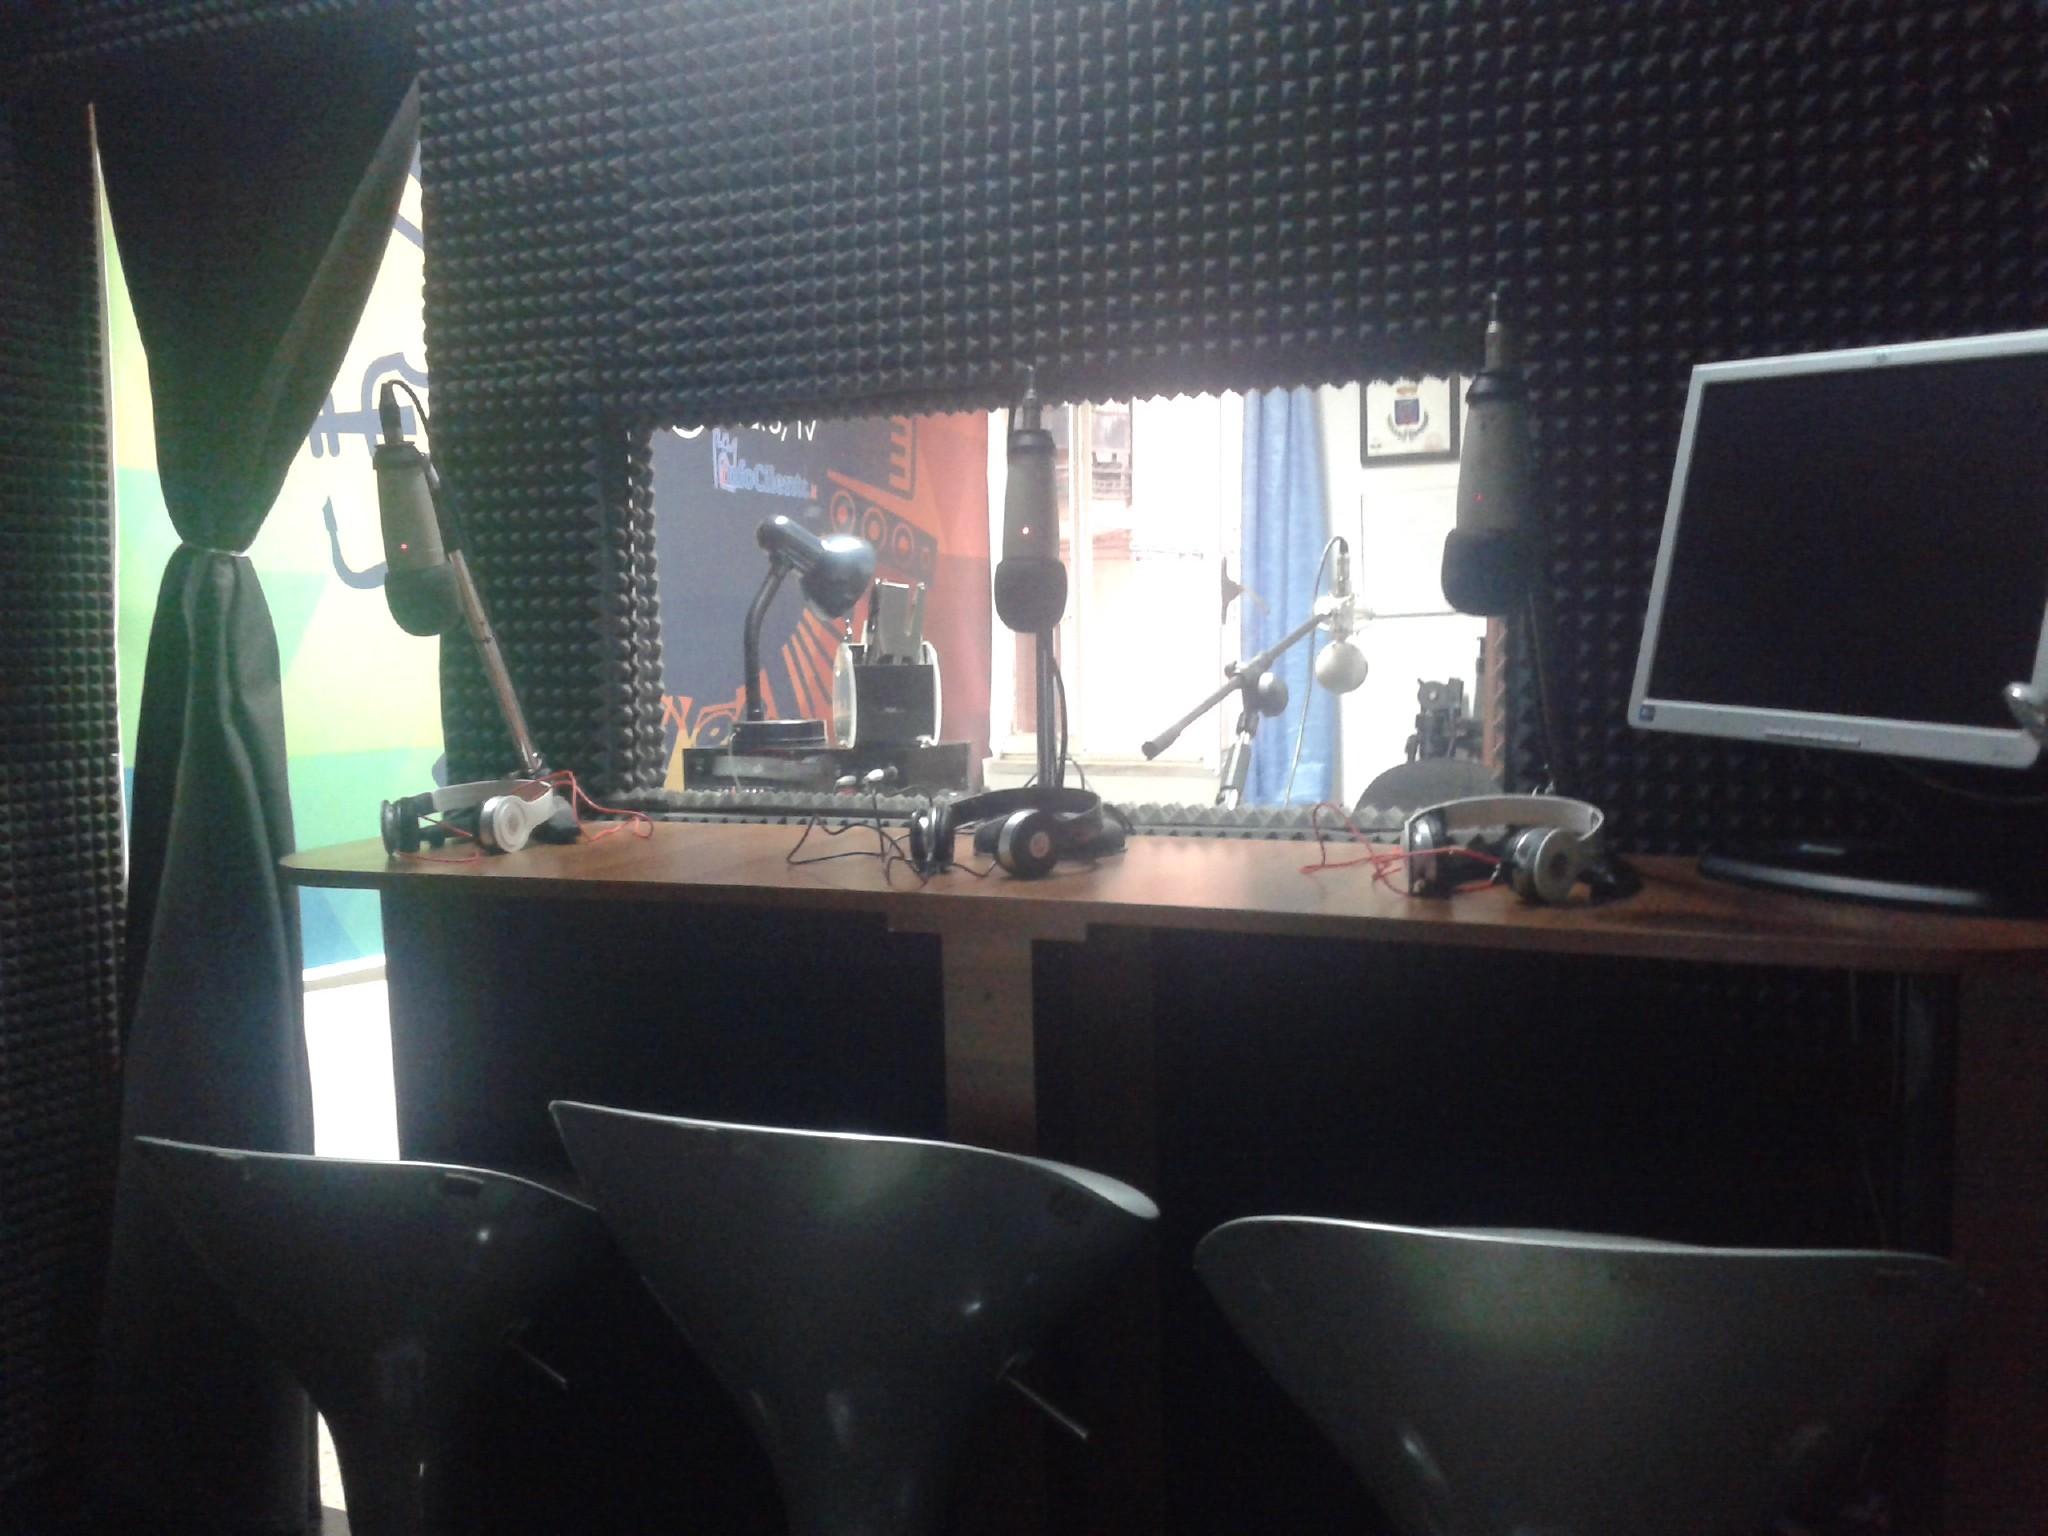 cilentowebradio_studio